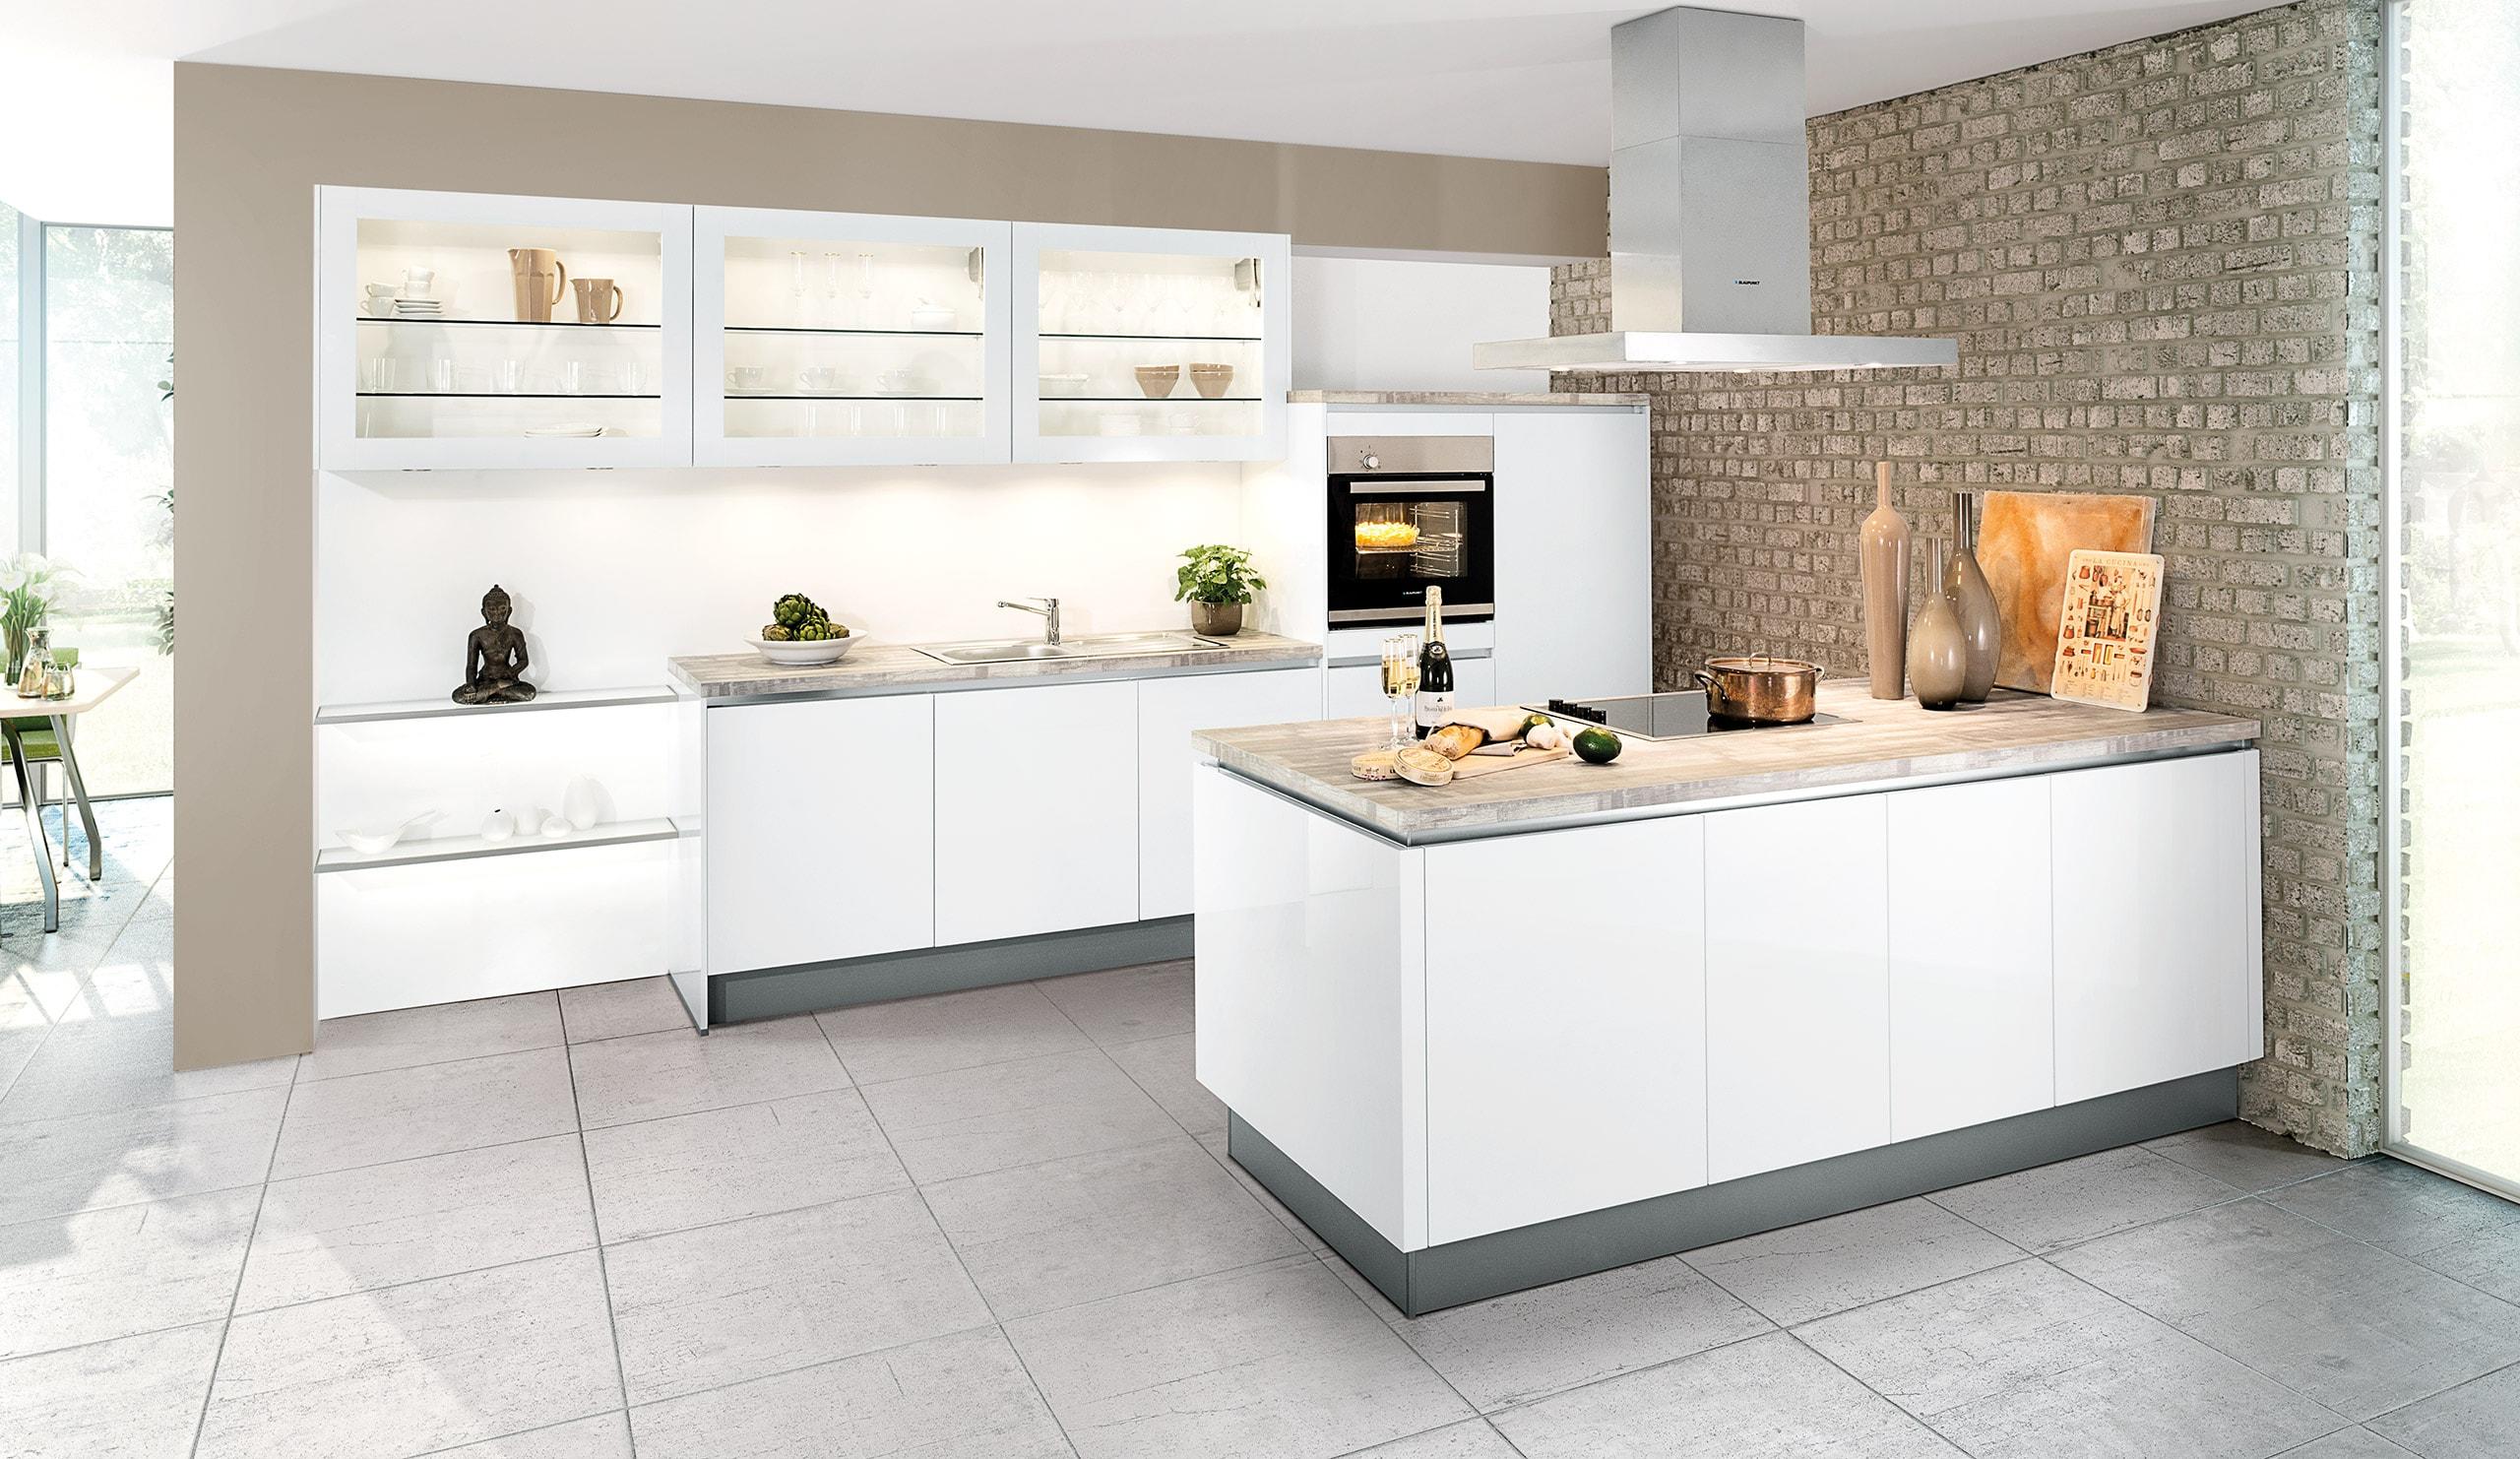 Full Size of Küchen Quelle Moderne Einbaukche Classica 1230 Grifflos Weiss Hochglanz Regal Wohnzimmer Küchen Quelle